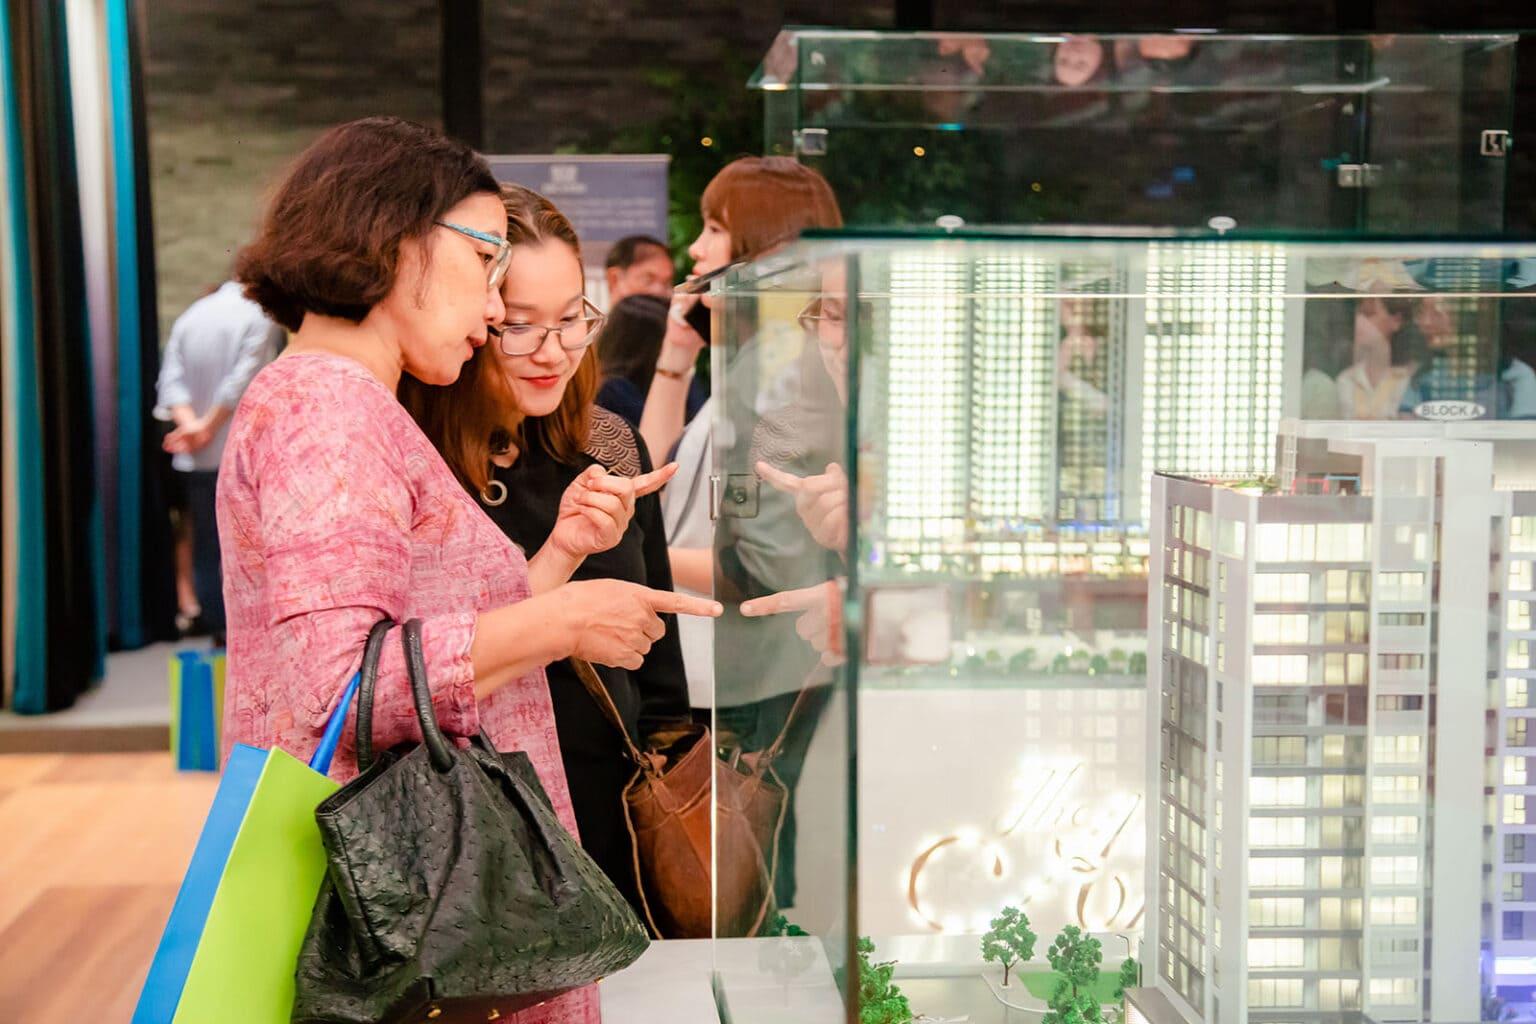 Nhằm cung cấp thông tin một cách trực quan, sinh động nhất cho khách hàng, từ tháng 6 đến nay, Phú Mỹ Hưng liên tục tổ chức các sự kiện với nhiều quy mô khác nhau để khách hàng có thể tìm hiểu thông tin chi tiết.